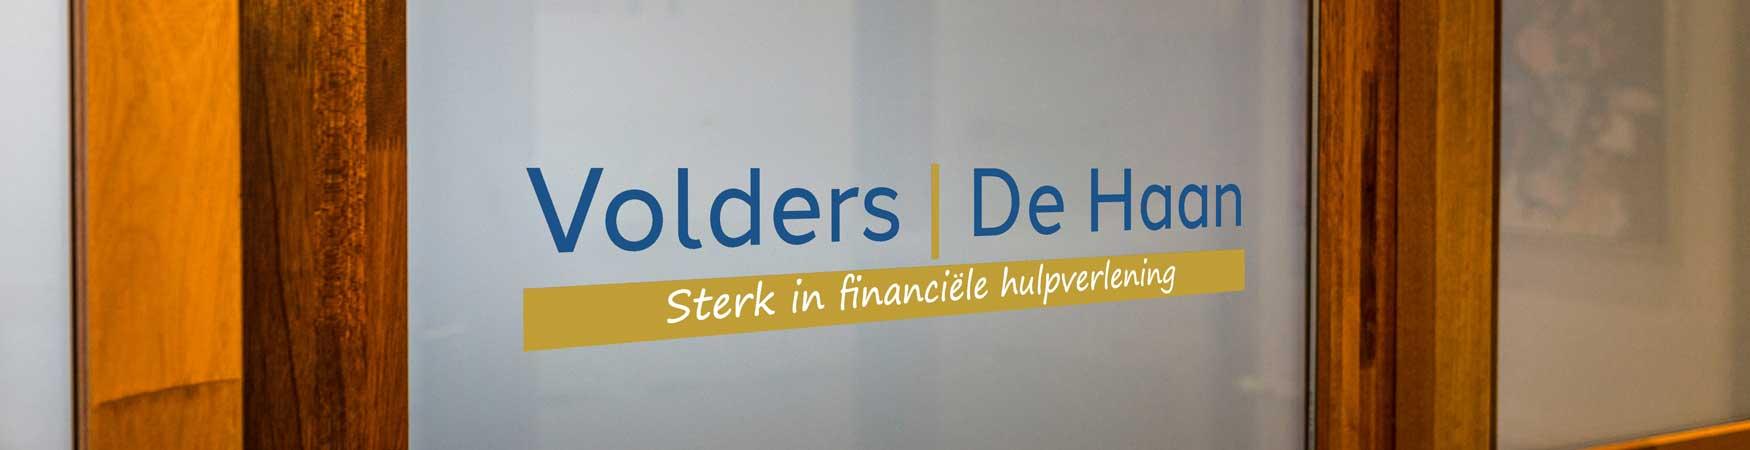 Volders-De-Haan-deur-met-nieuw-logo_1750x450